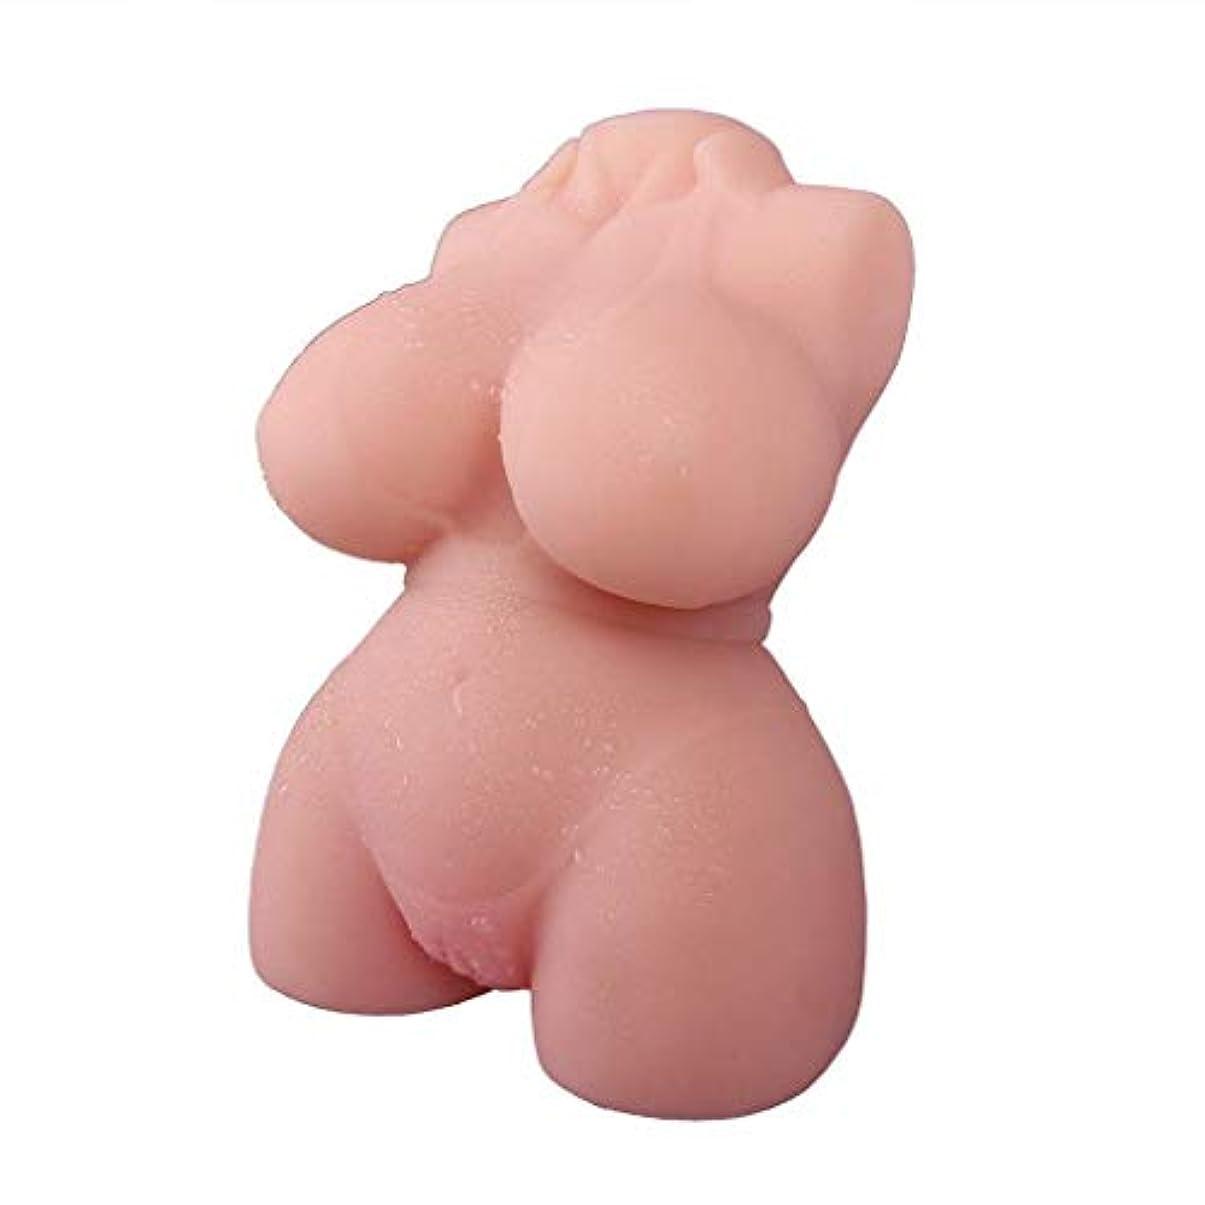 犯す積極的にメタリックオーラルセクシーなリアルな実スキンボディトルソーサイズの女性大人のおもちゃ